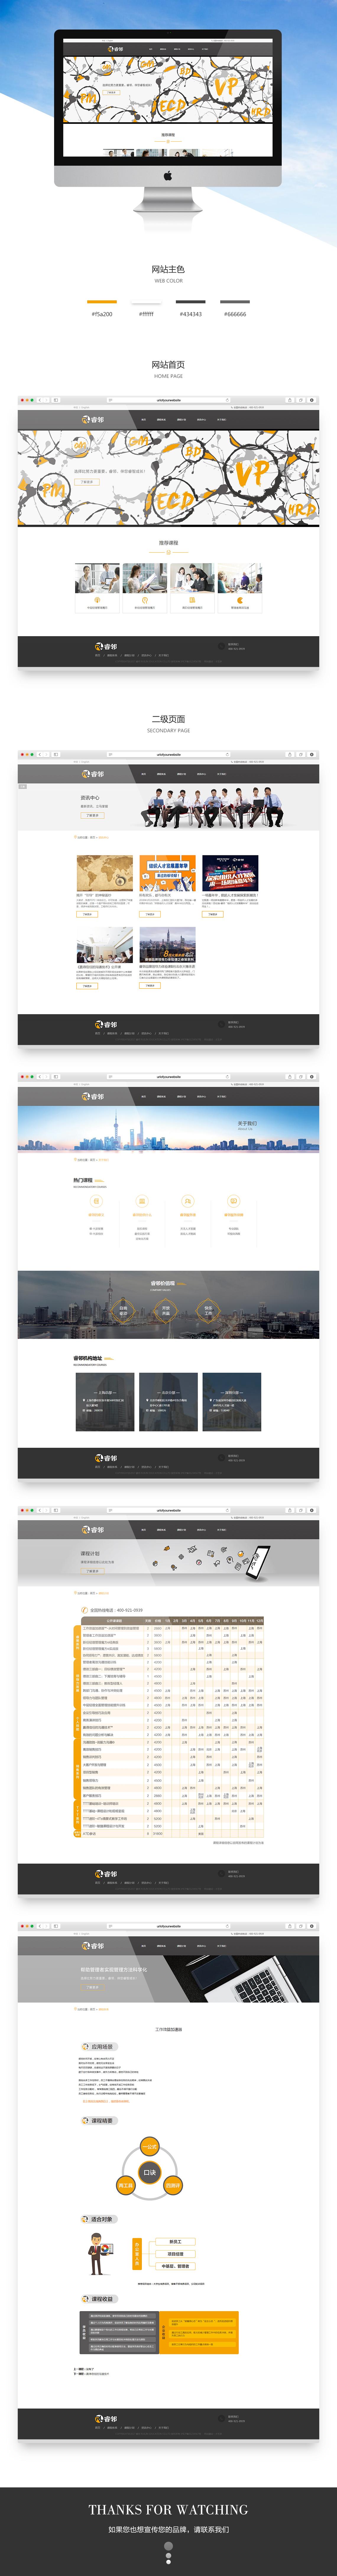 公司案例展示2018-31上海睿邻教育